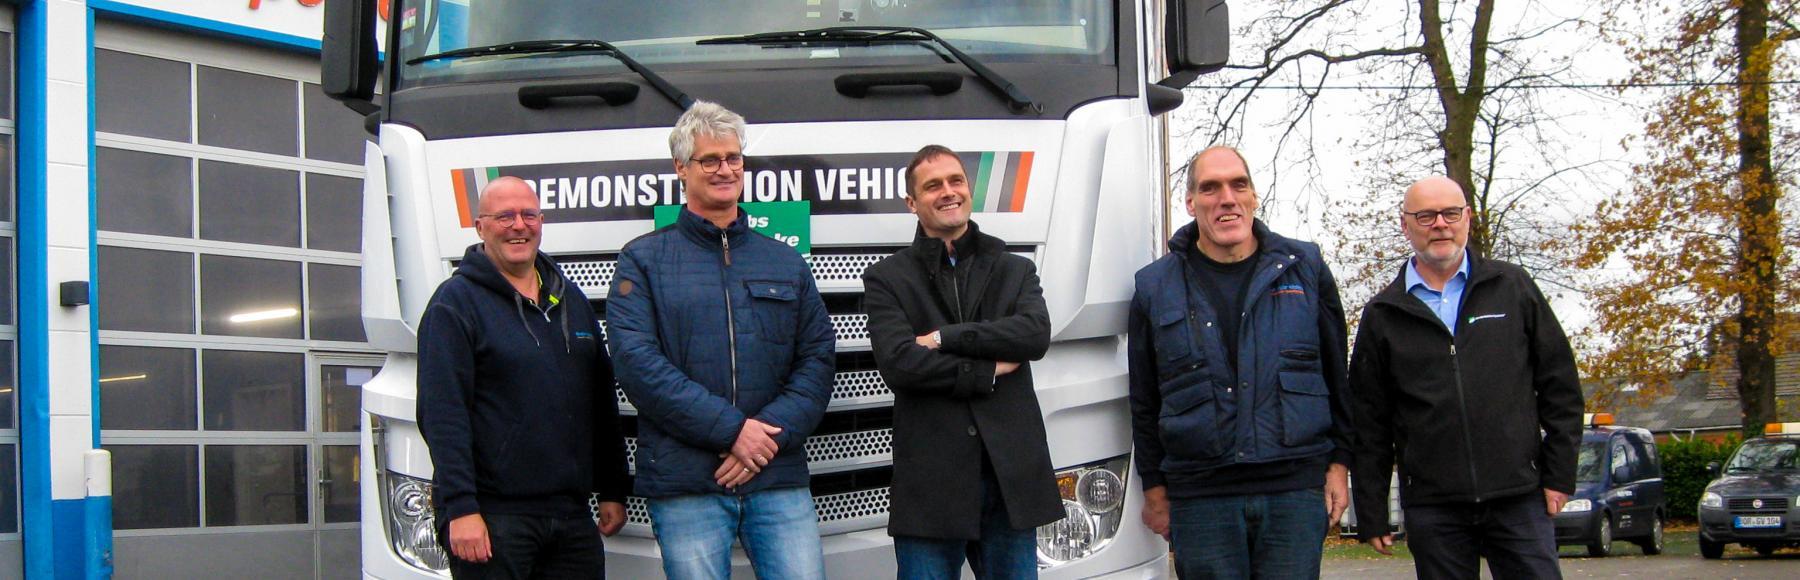 五名男士在试乘试驾活动之后站在Jacobs欧洲展示卡车前。